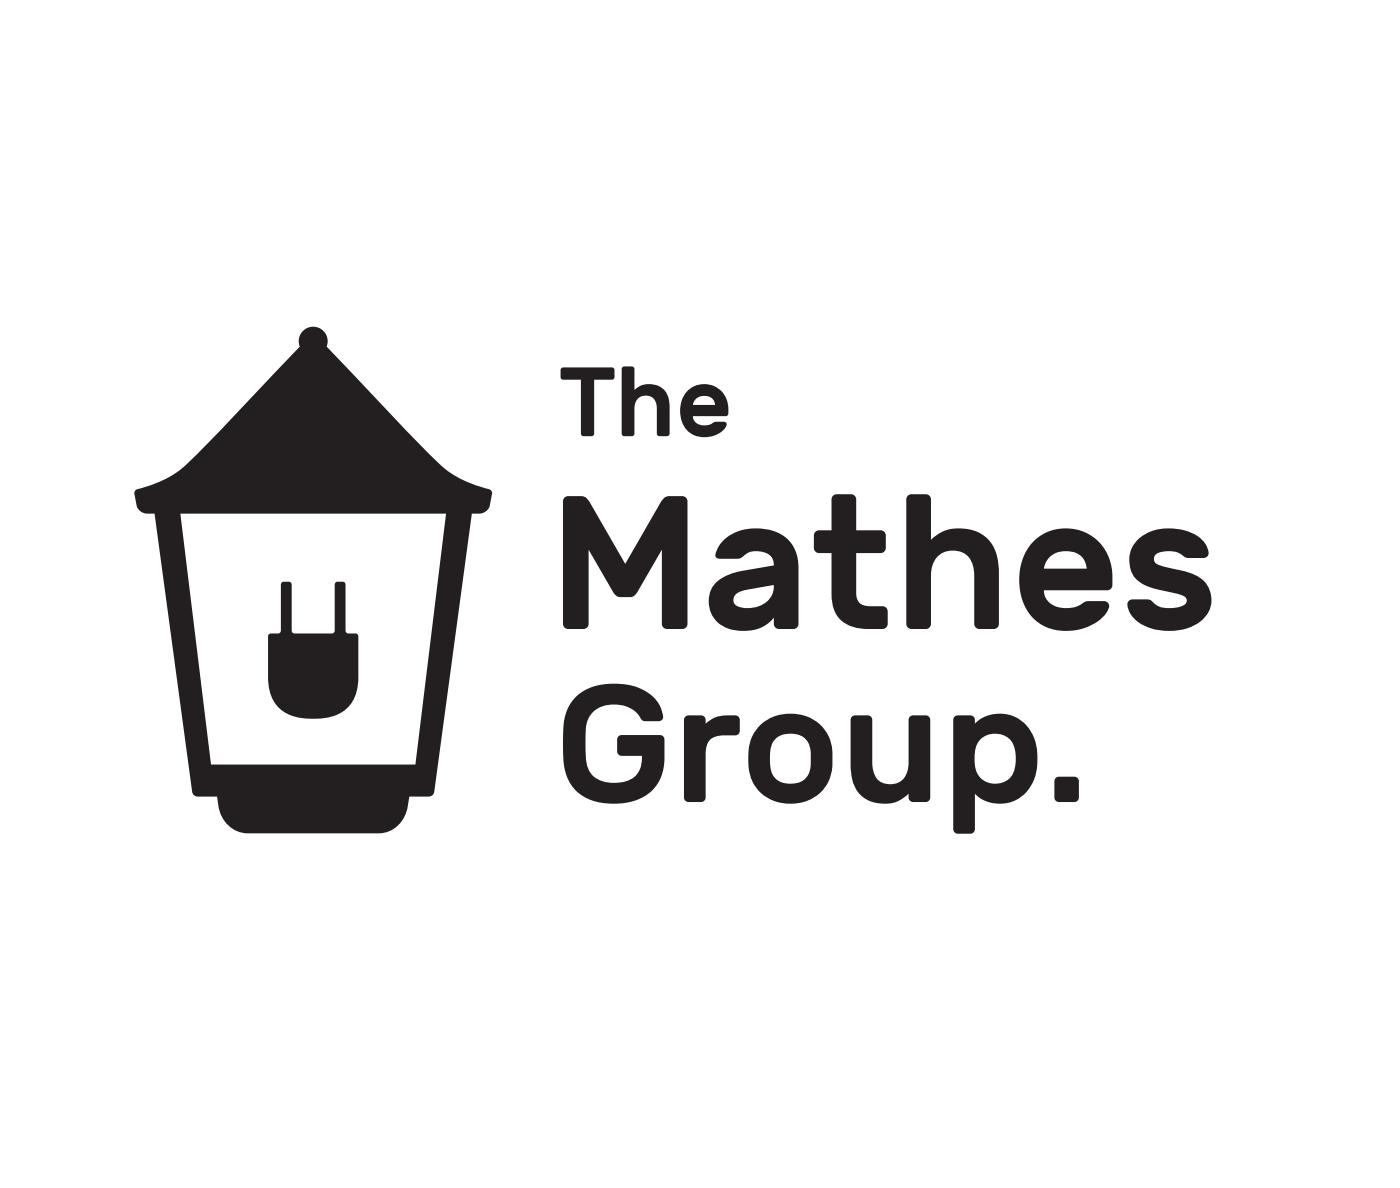 Combination mark logo